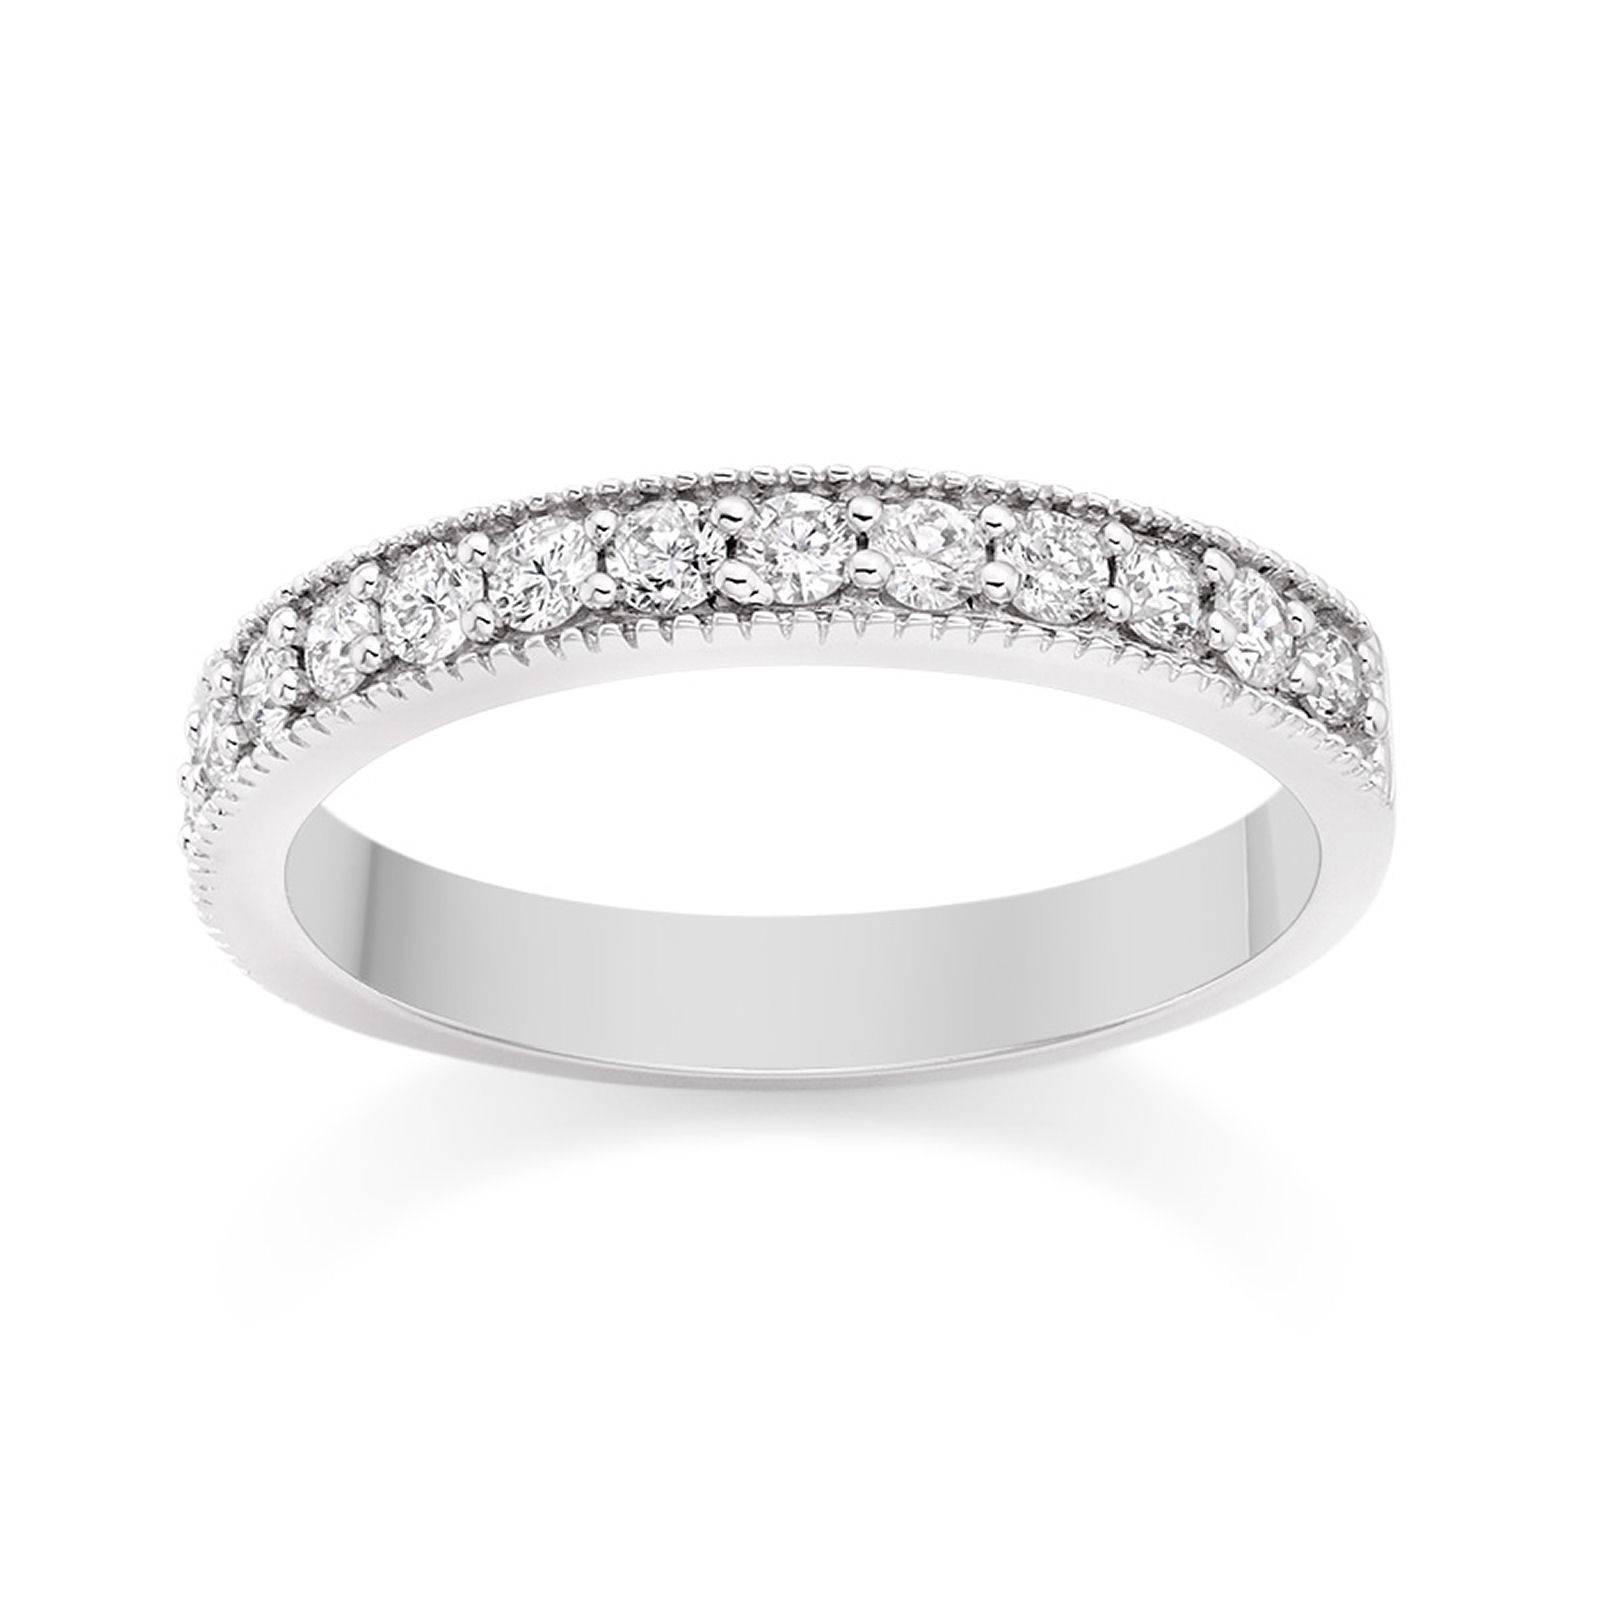 Milgrain Diamond Wedding Ring In Platinum Wedding Dress From With Diamond And Platinum Wedding Rings (View 8 of 15)